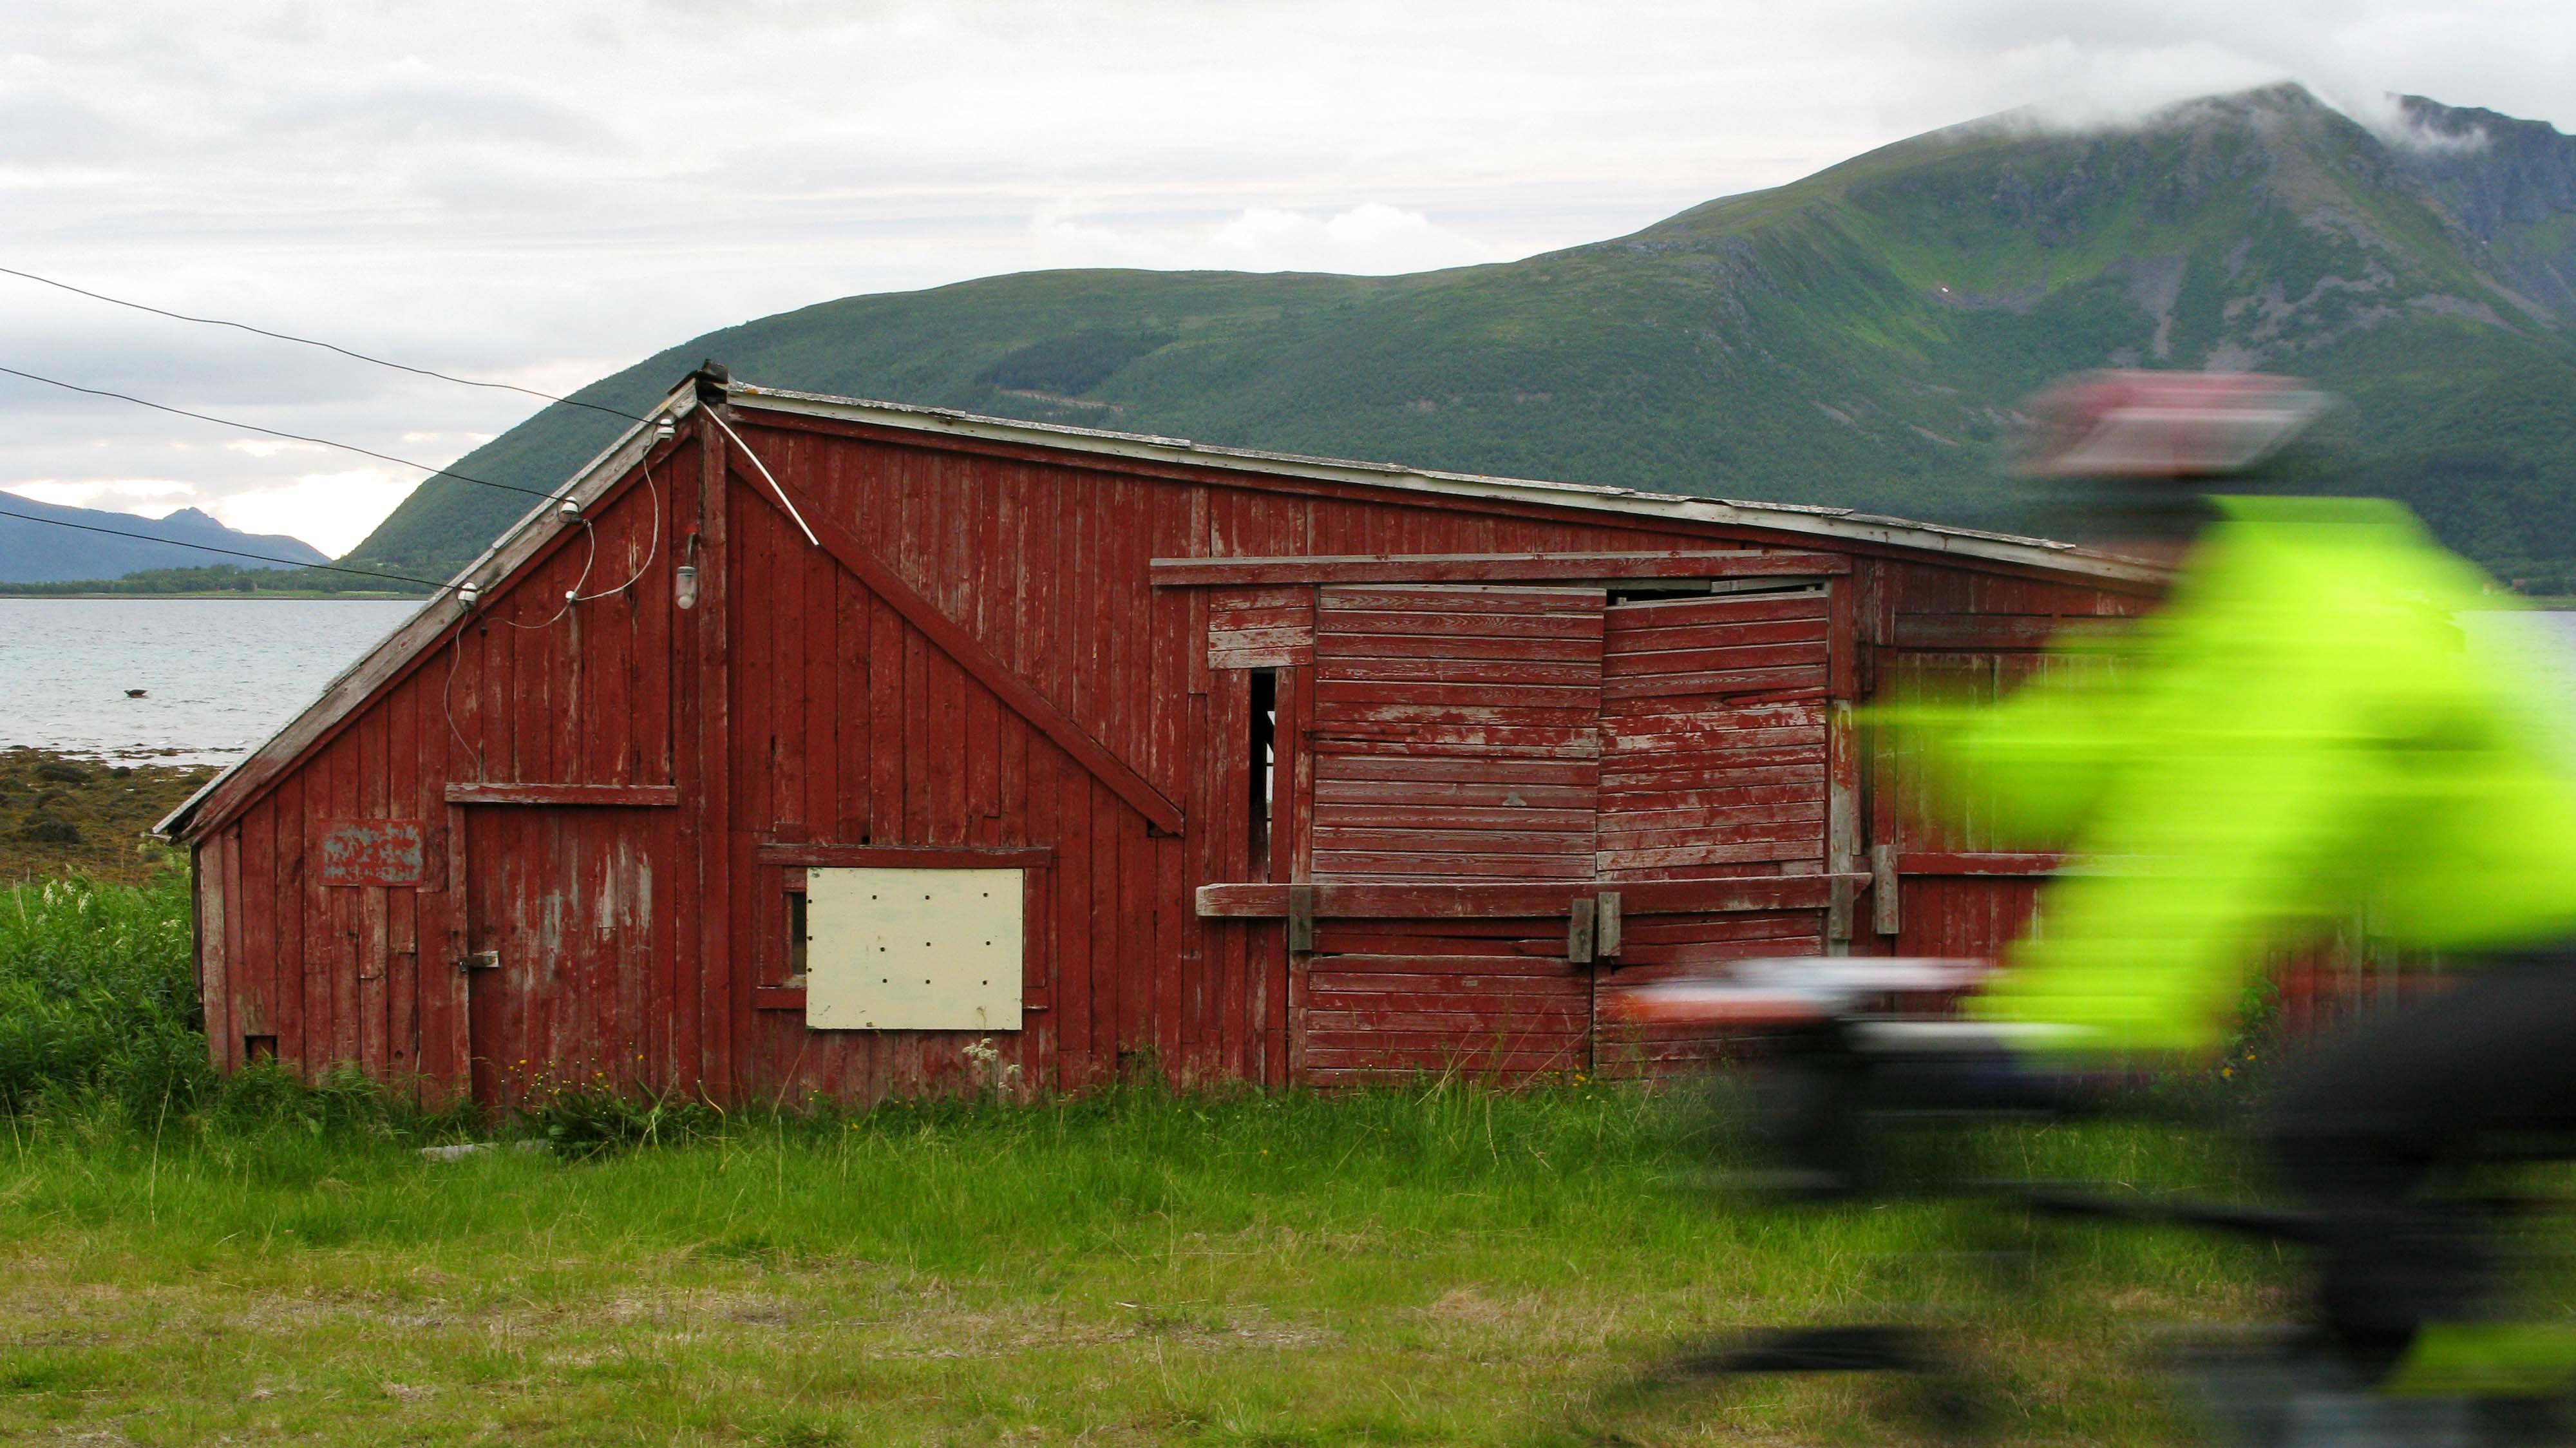 norwegen-huette-unscharfer-velofahrer